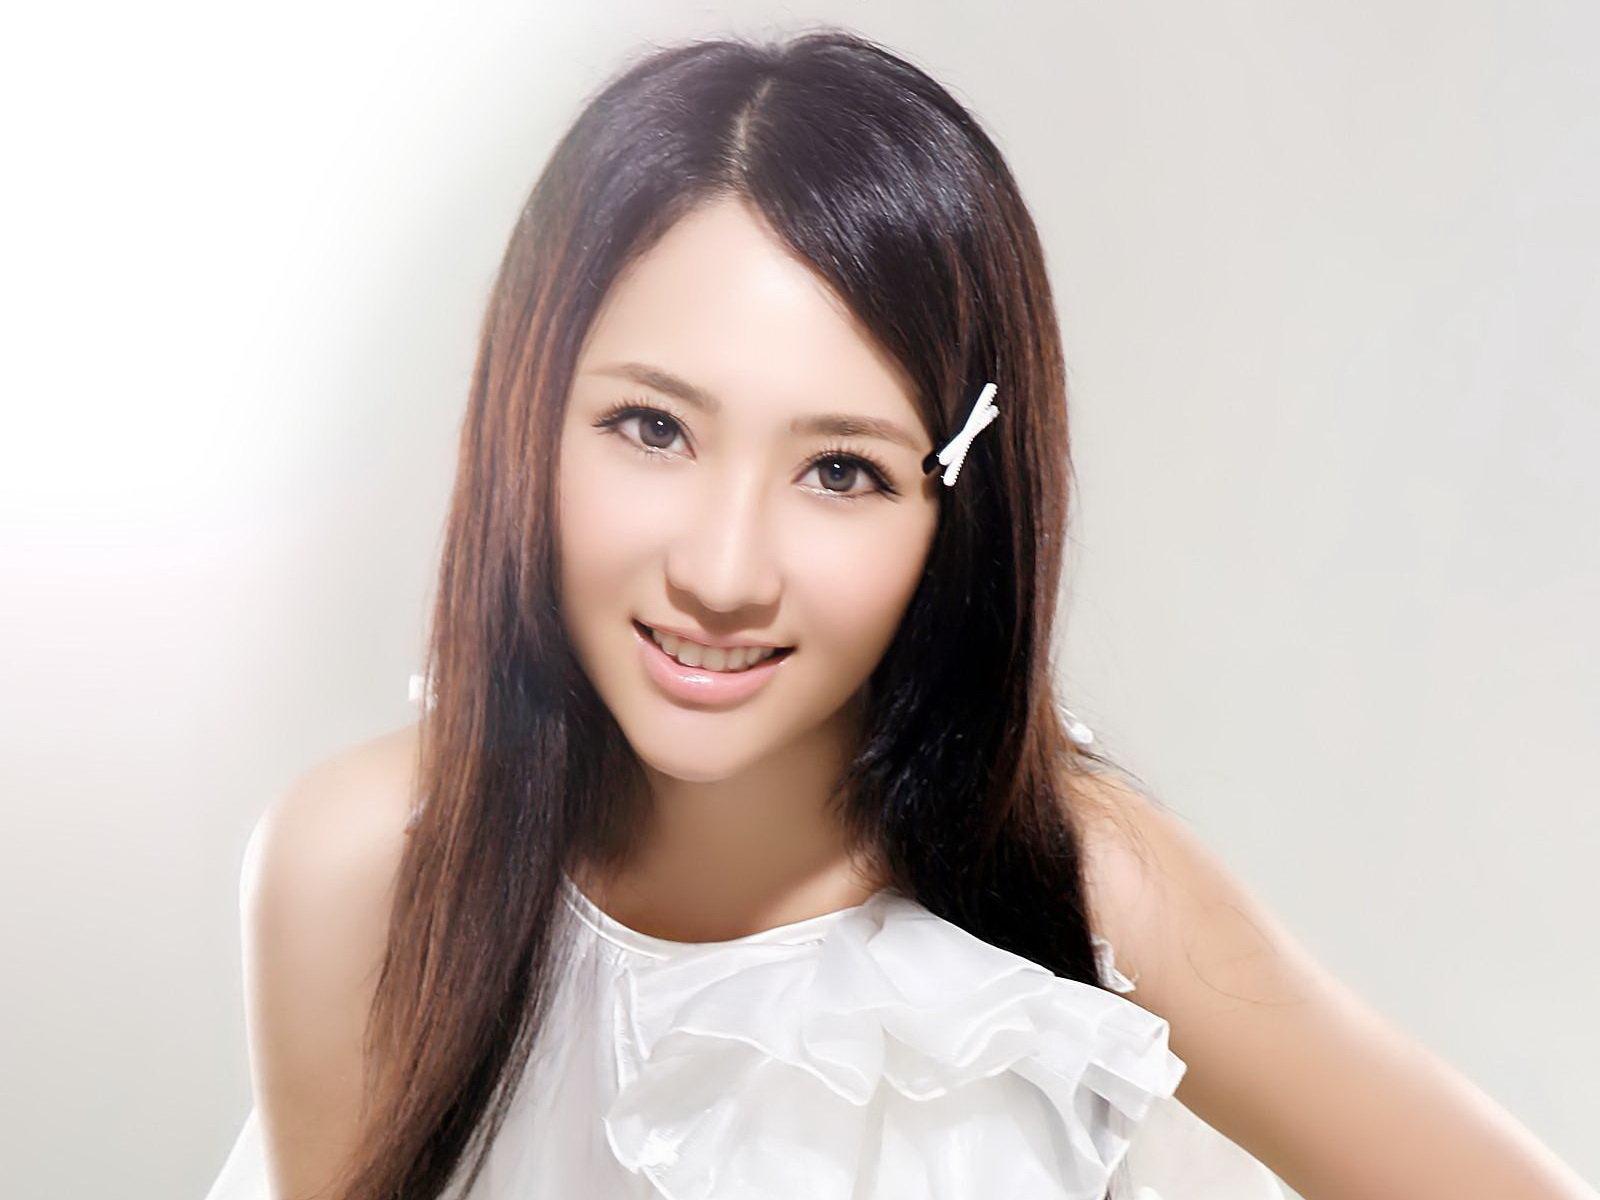 优优图片论坛 清纯美女艺术照写真酷似刘亦菲